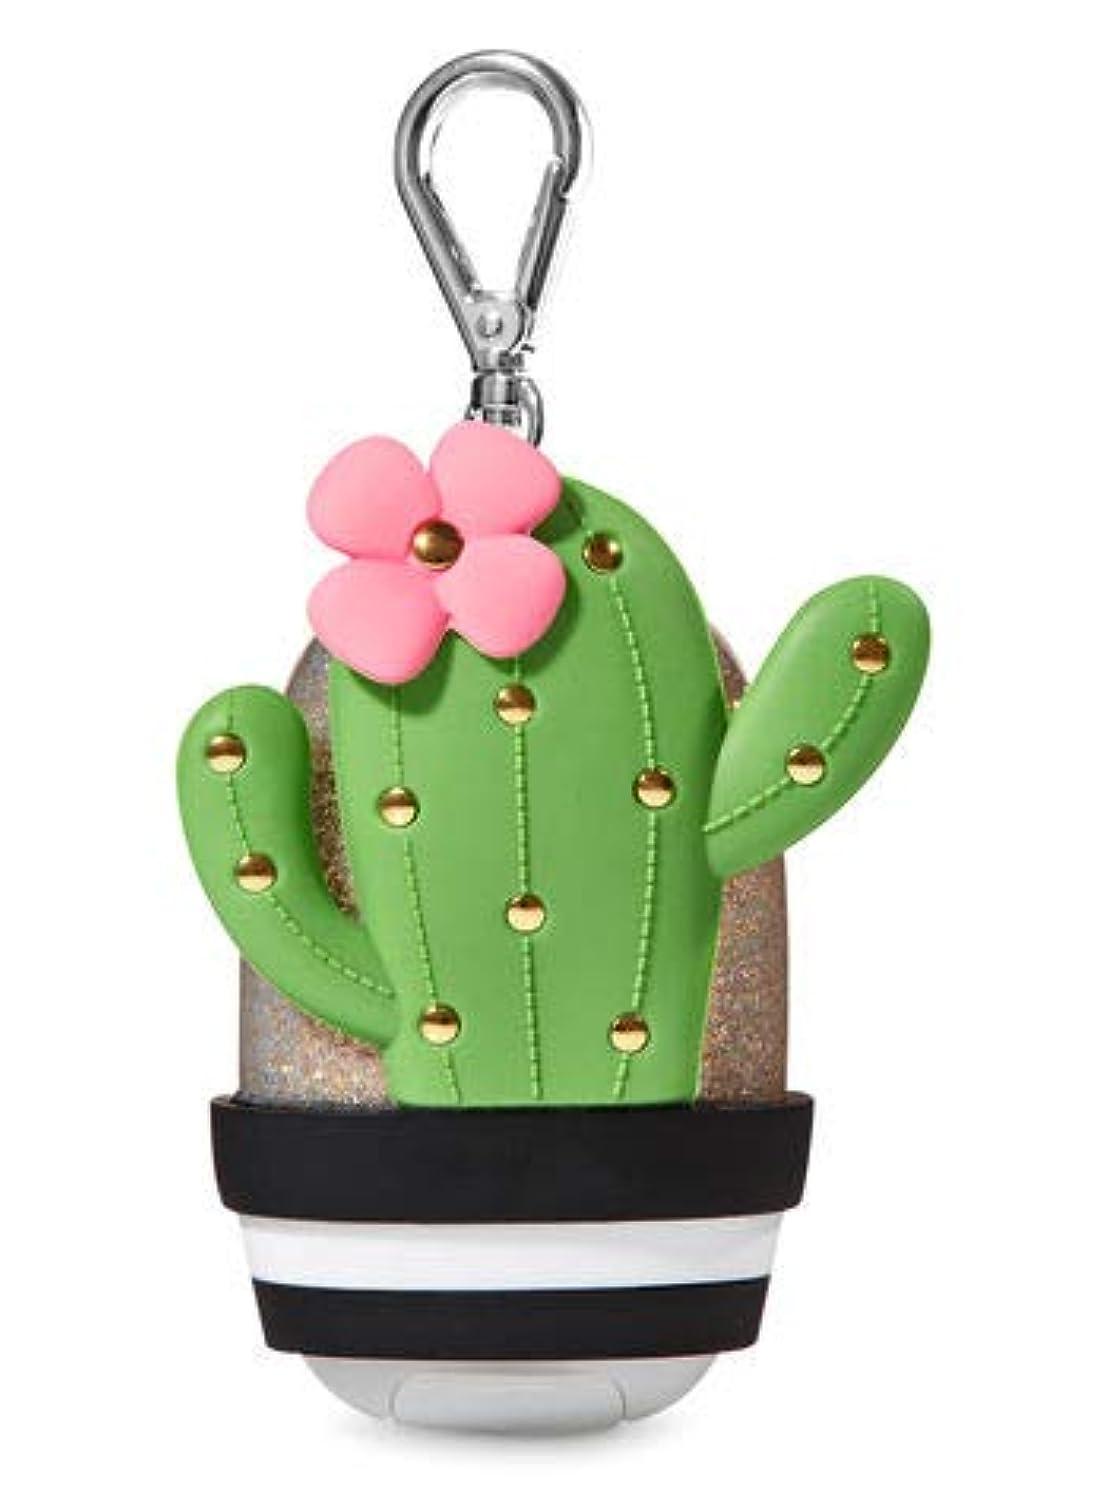 ラッシュ北極圏ベンチャー【Bath&Body Works/バス&ボディワークス】 抗菌ハンドジェルホルダー カクタス Pocketbac Holder Cactus [並行輸入品]